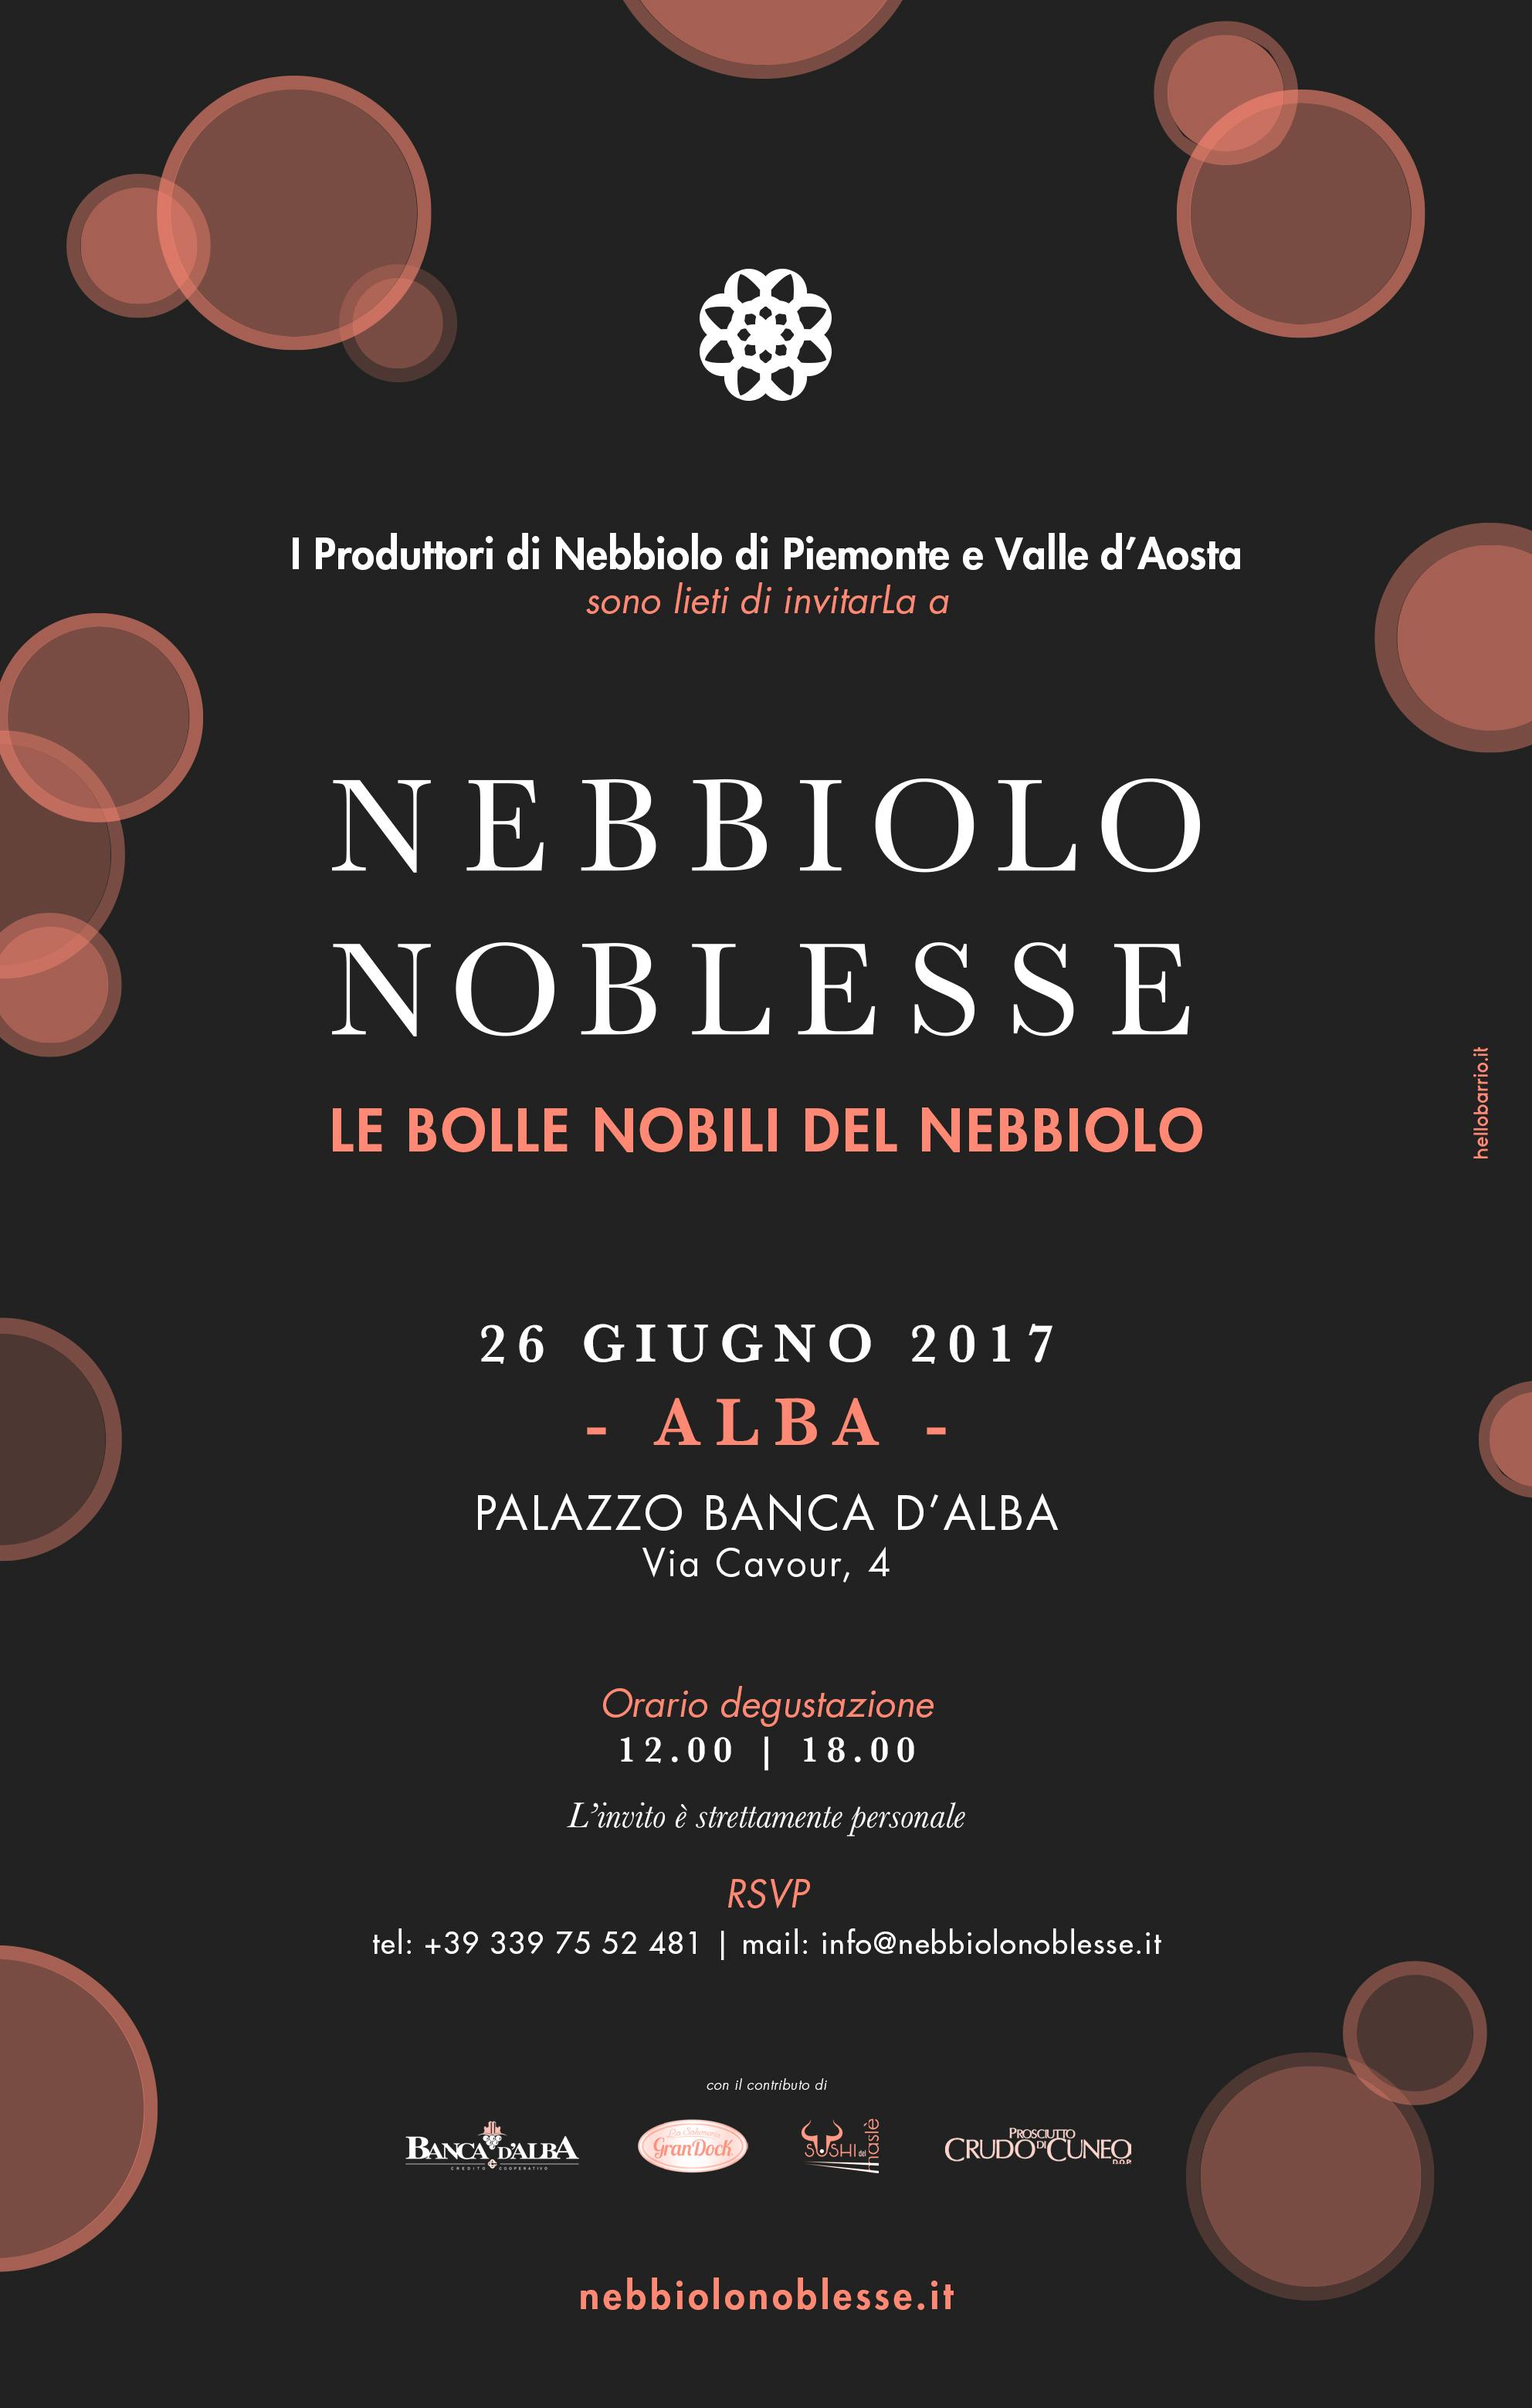 NEBBIOLO NOBLESSE – 26 GIUGNO 2017 – ALBA